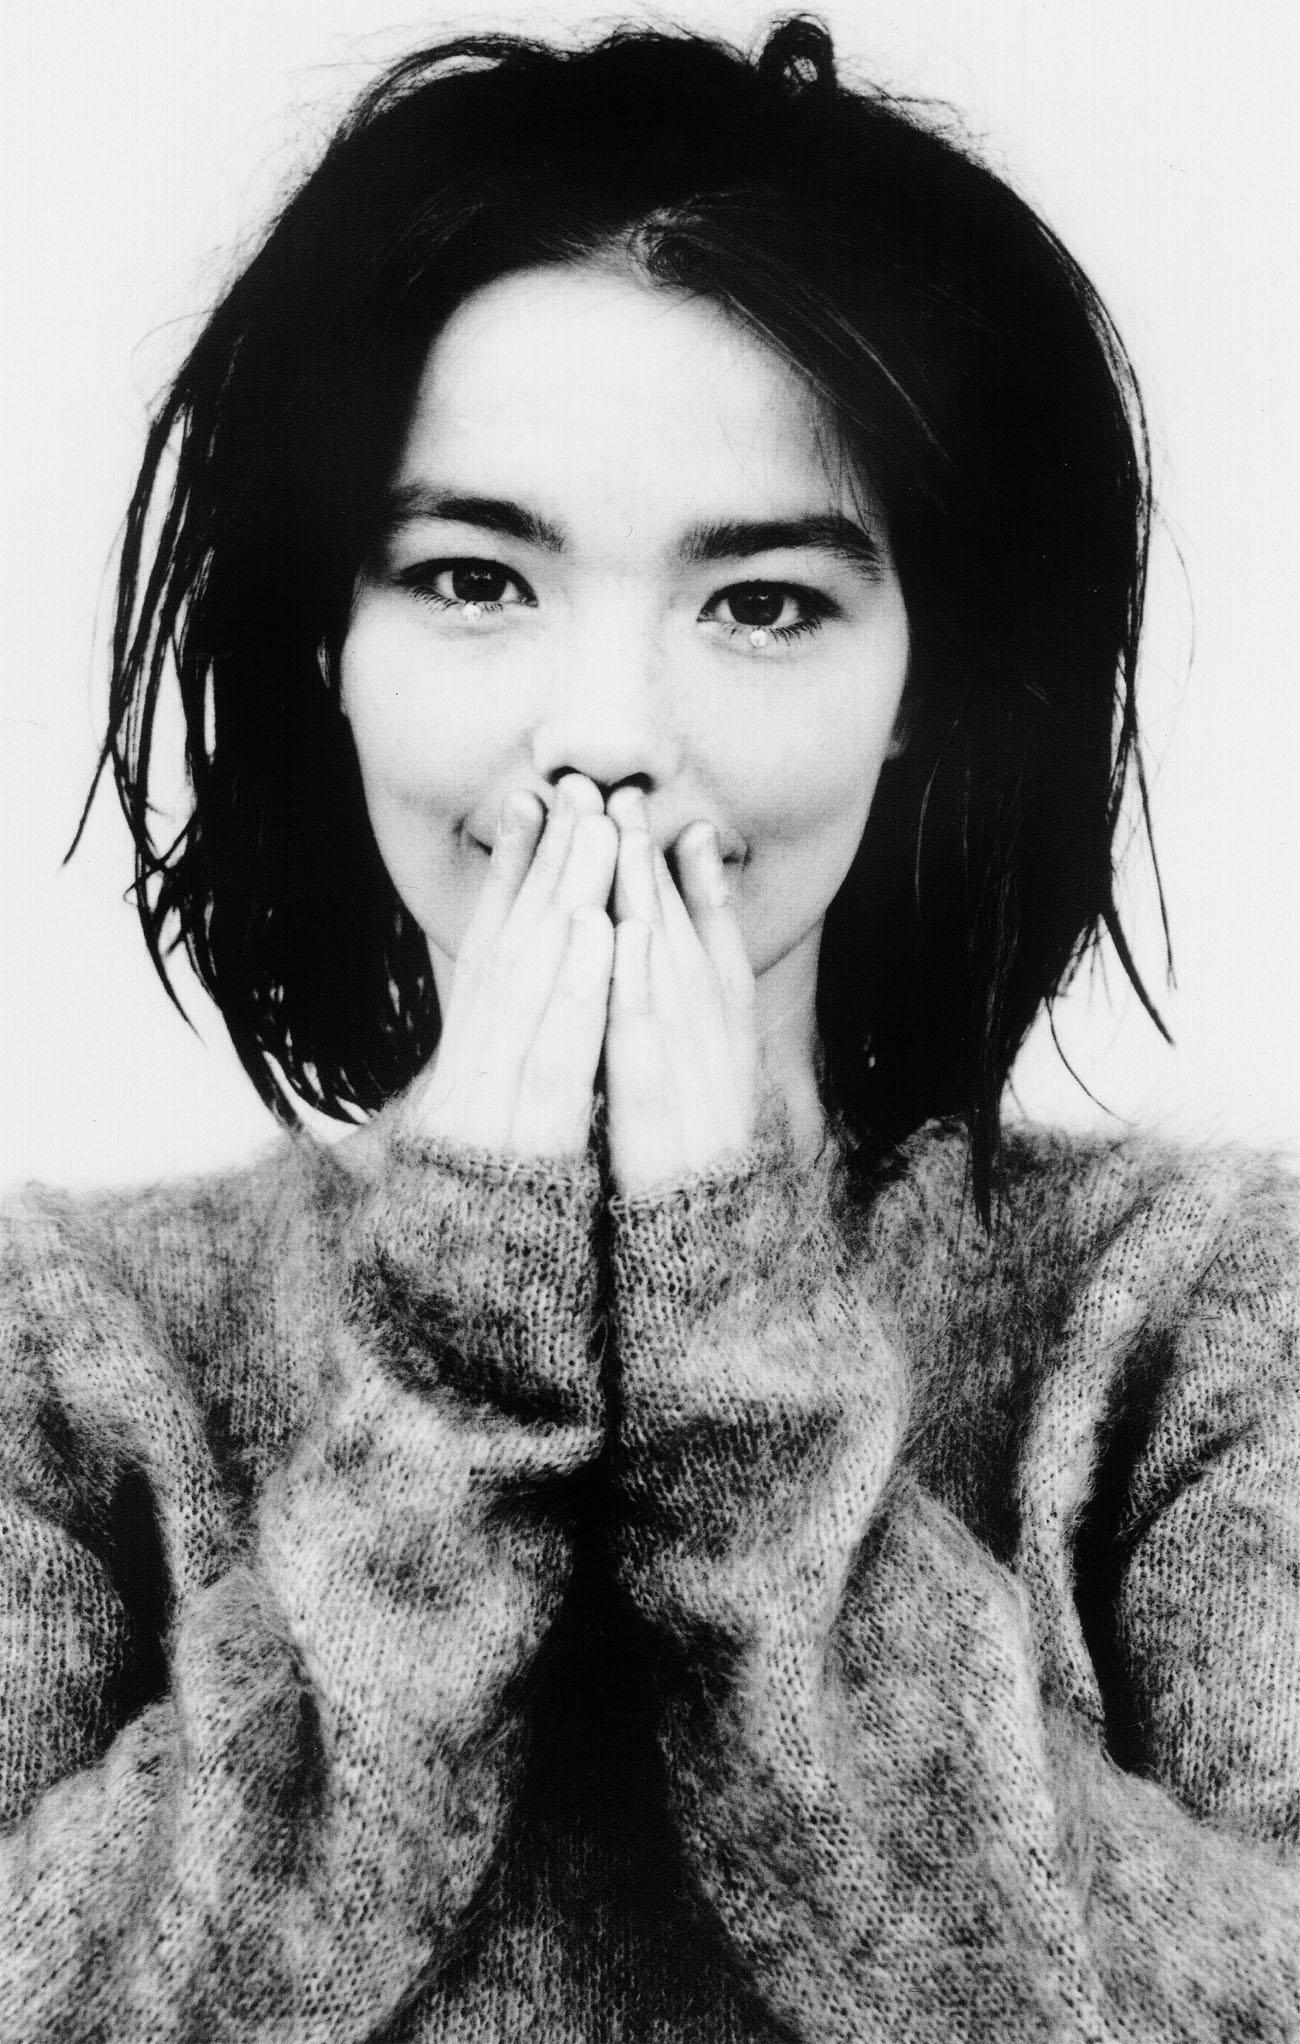 Björk (b. 1965)